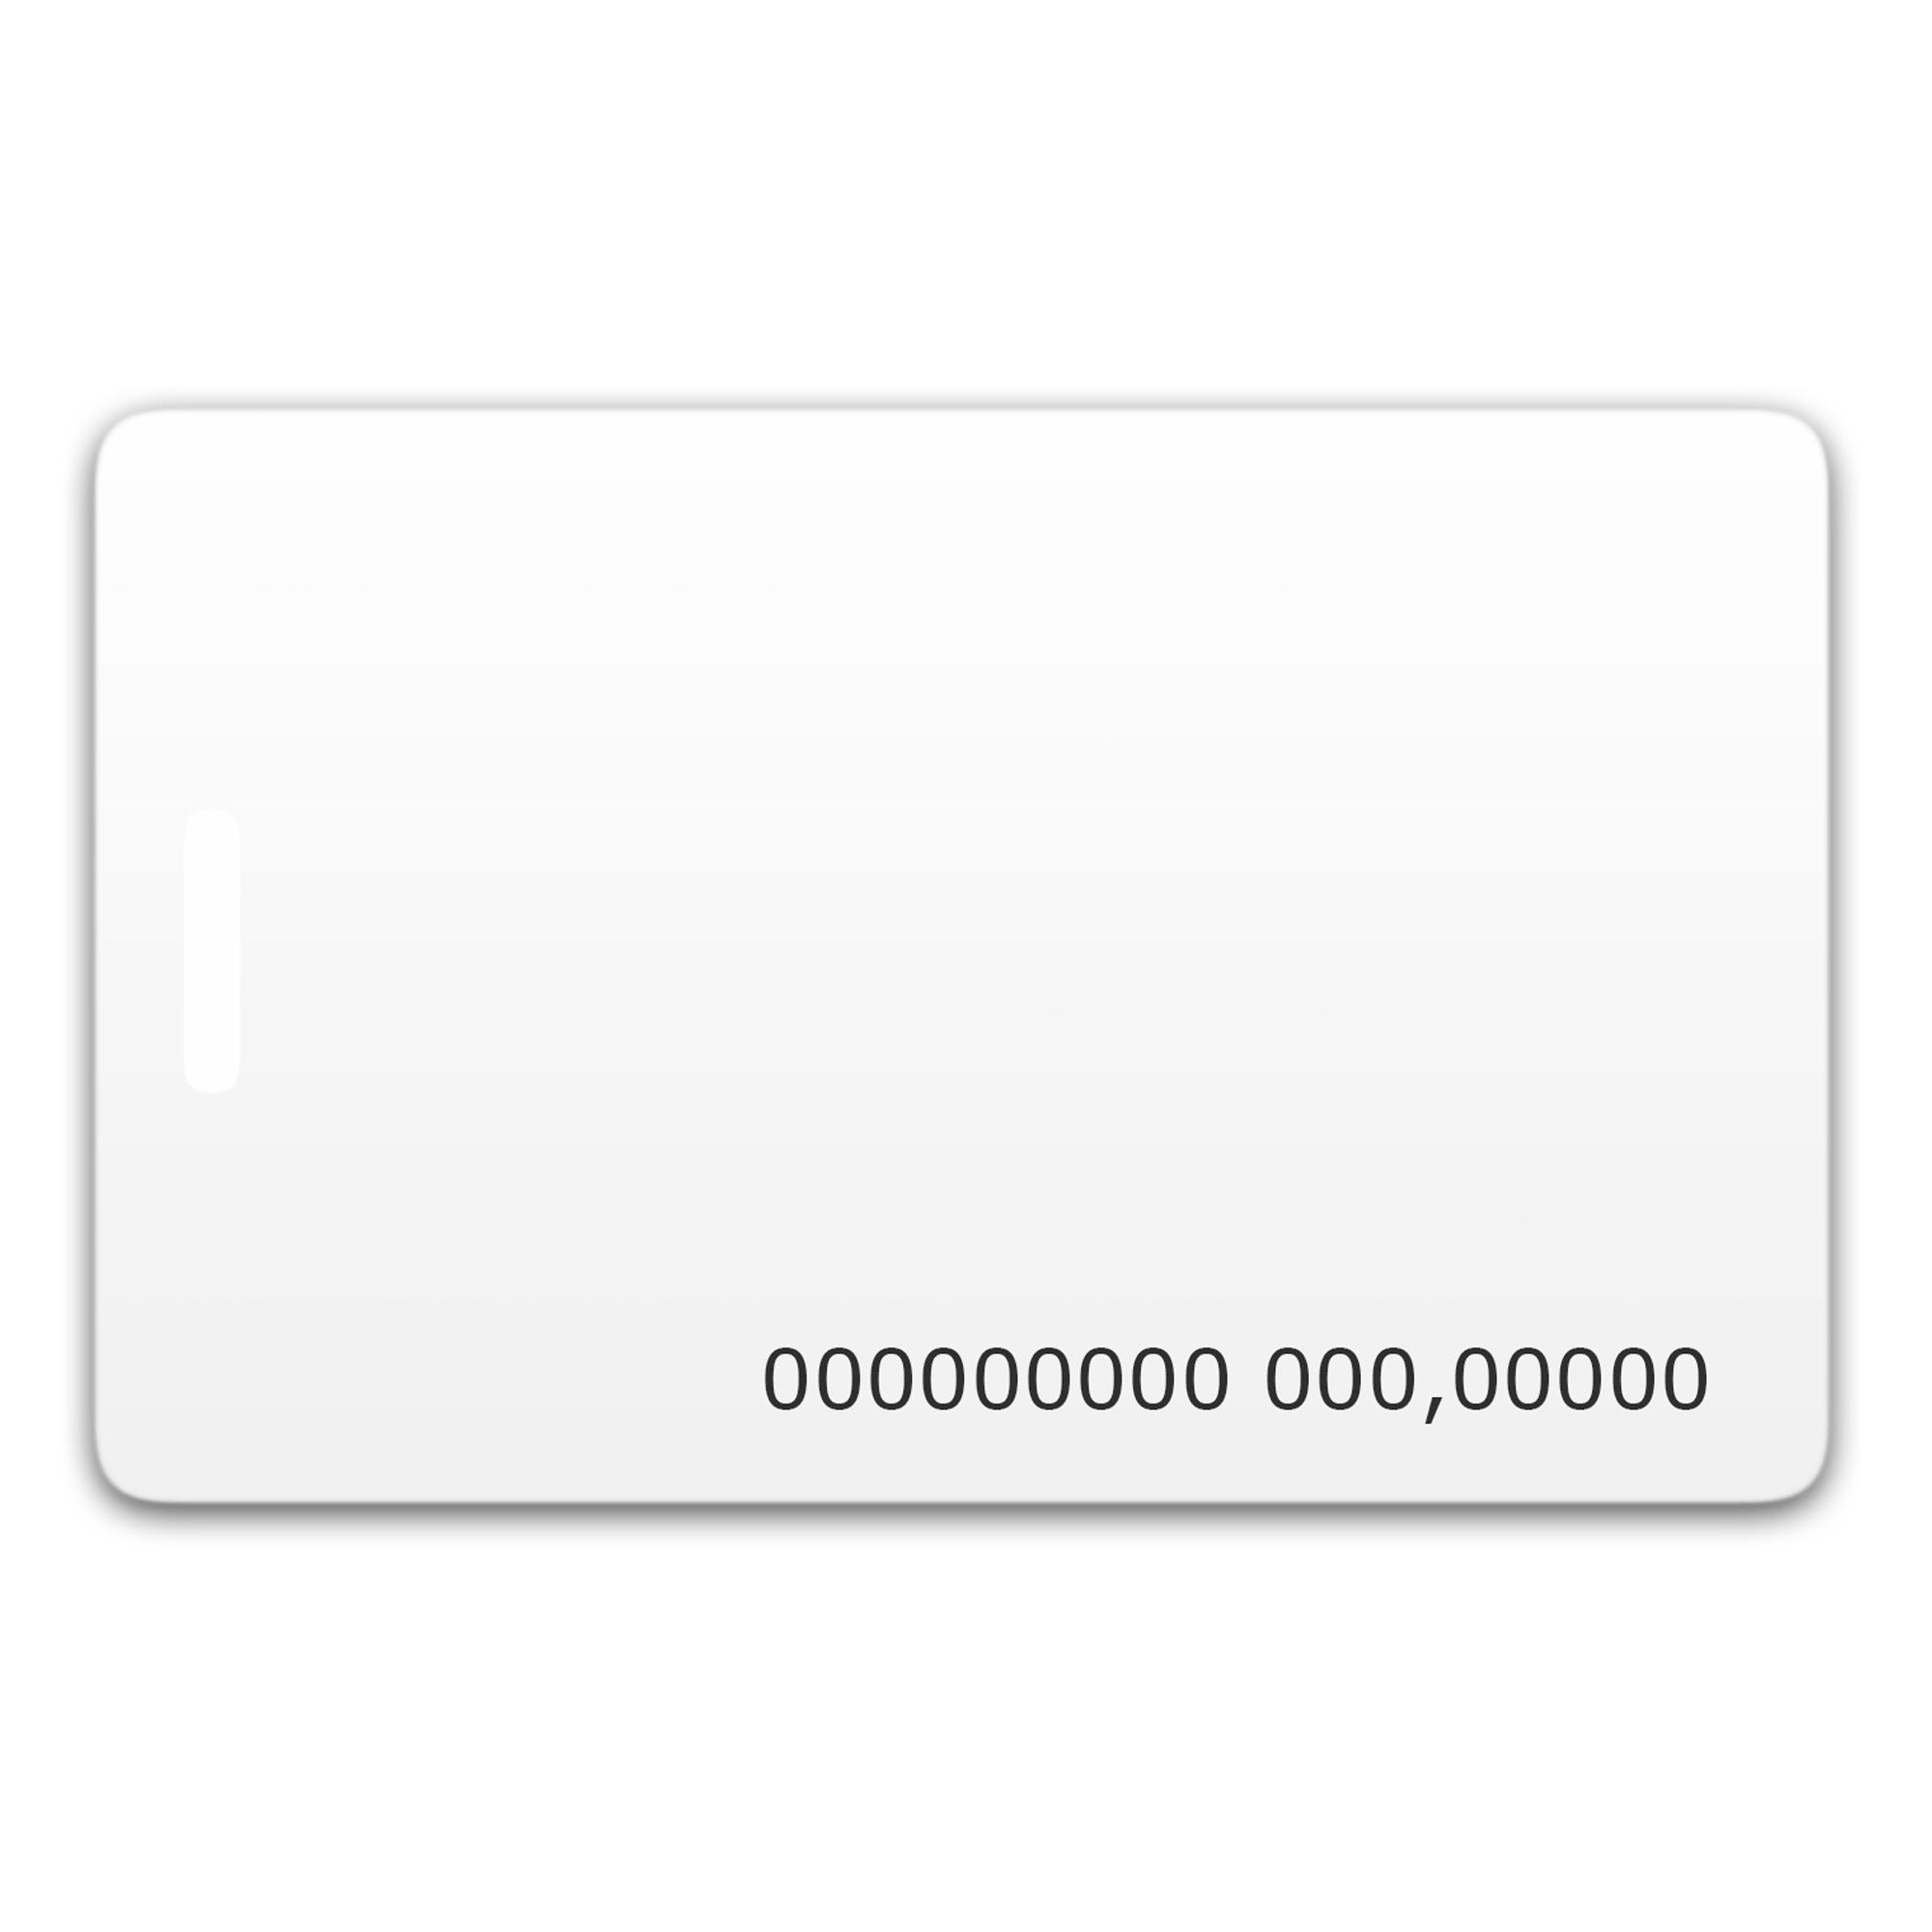 Бесконтактная пластиковая карта Fudan 4K с номером